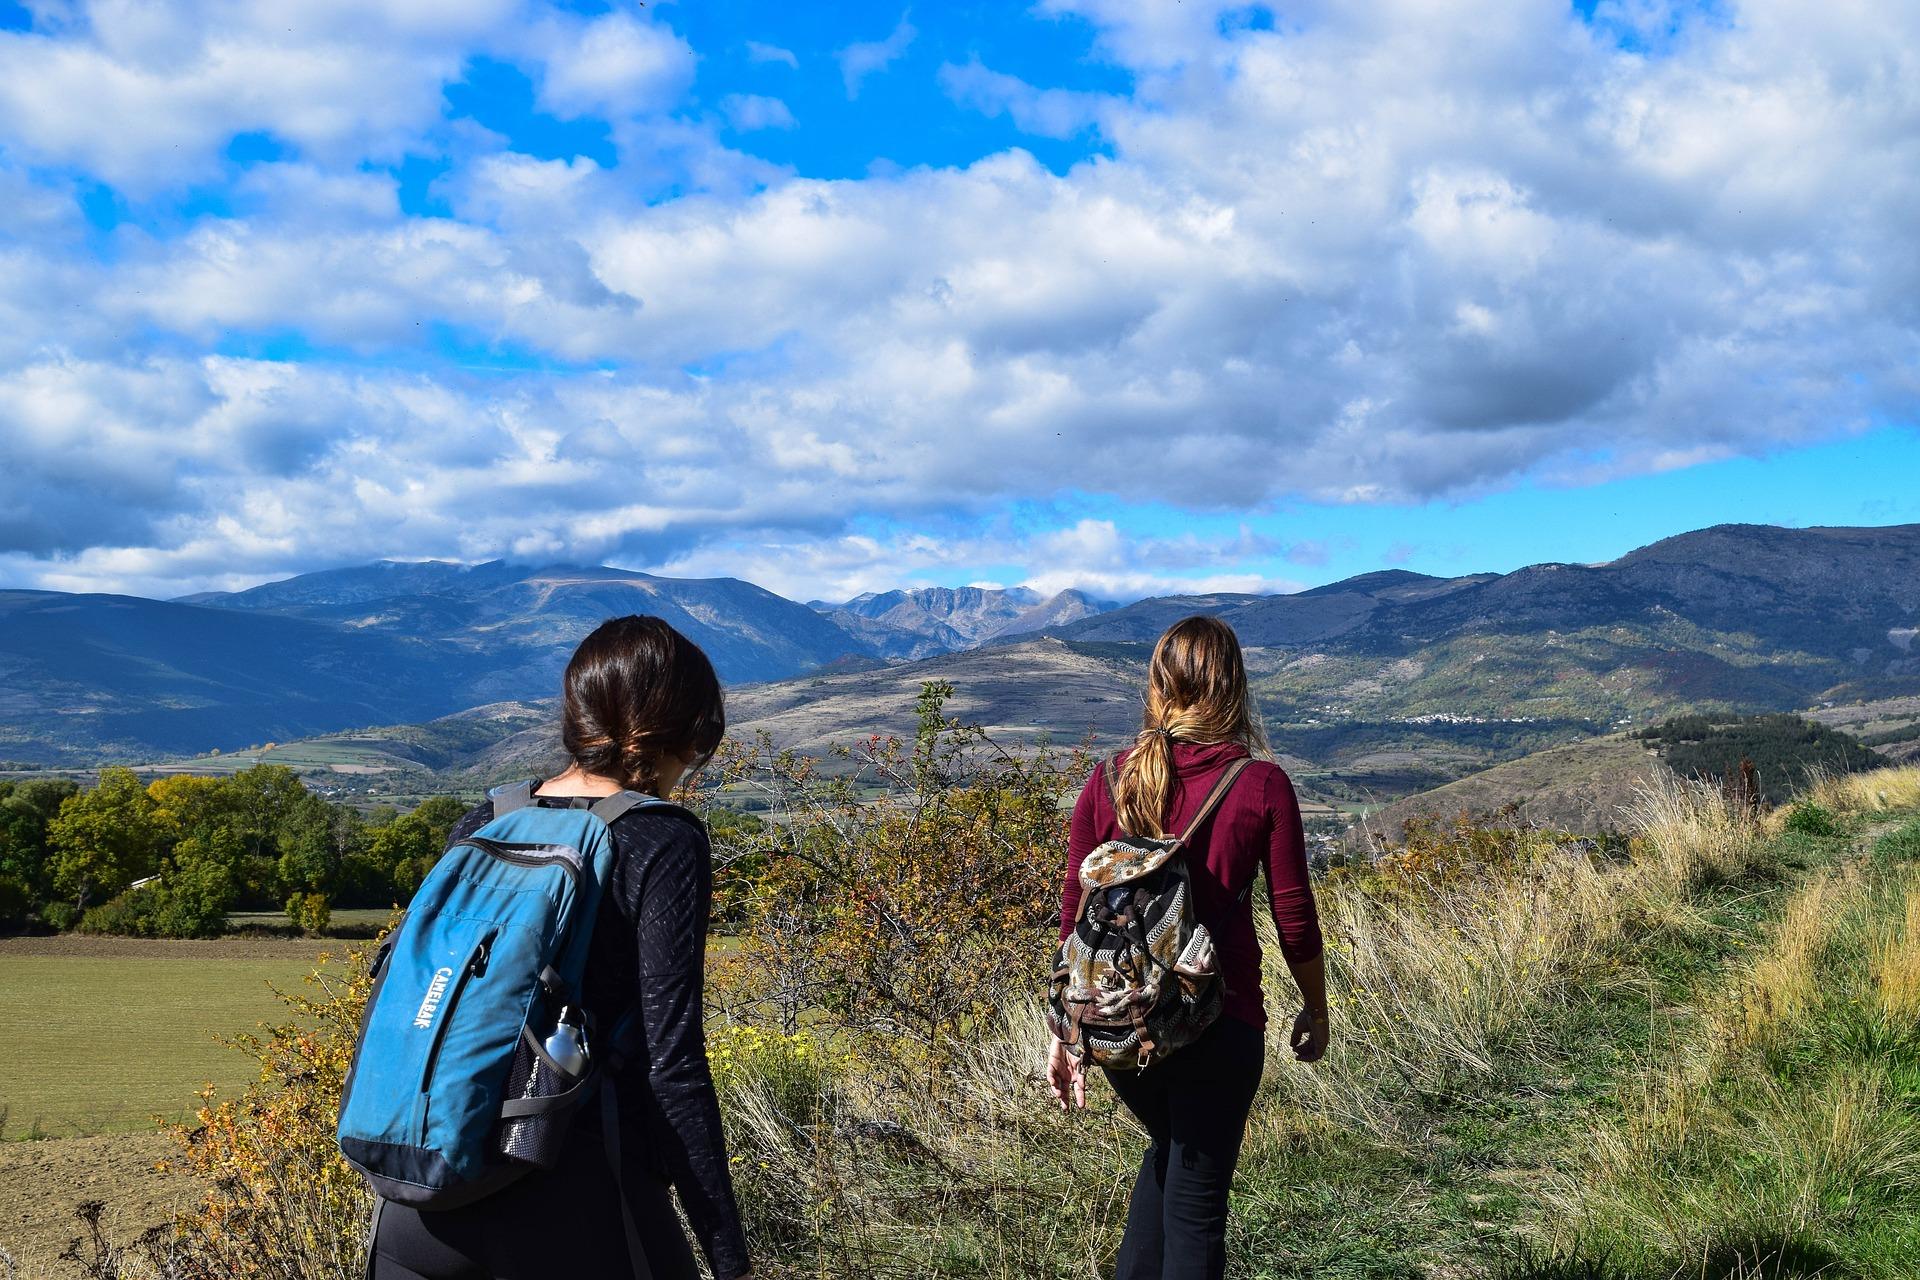 Studie zeigt: Jugendliche sind interessiert an ökologischen Themen